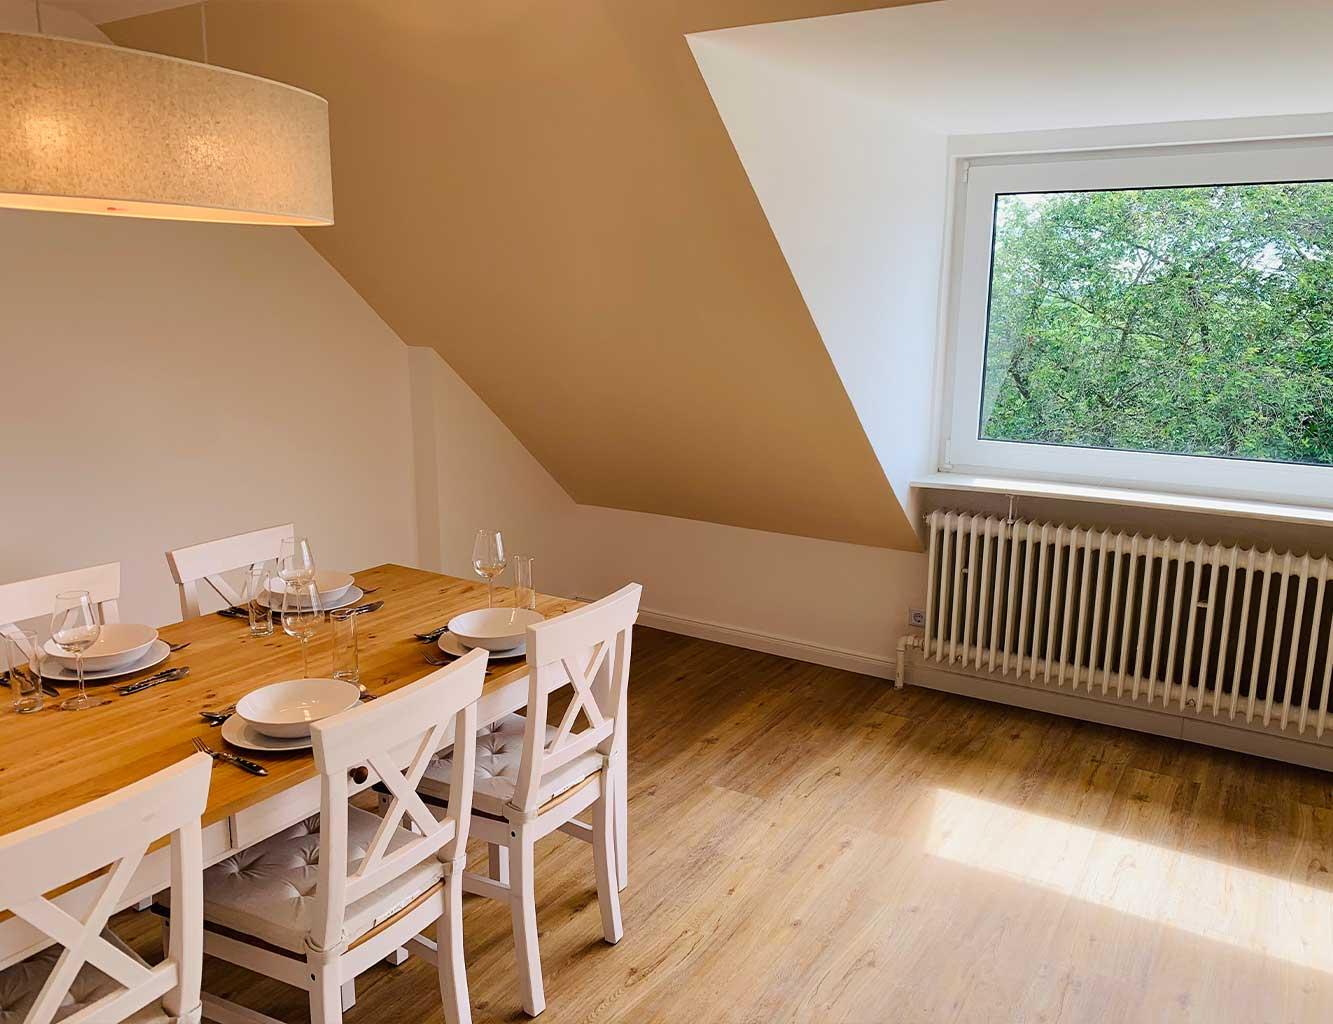 Hotel-Fährhaus-Kirschenland-Ferienwohnung-Obergeschoss-Esszimmer